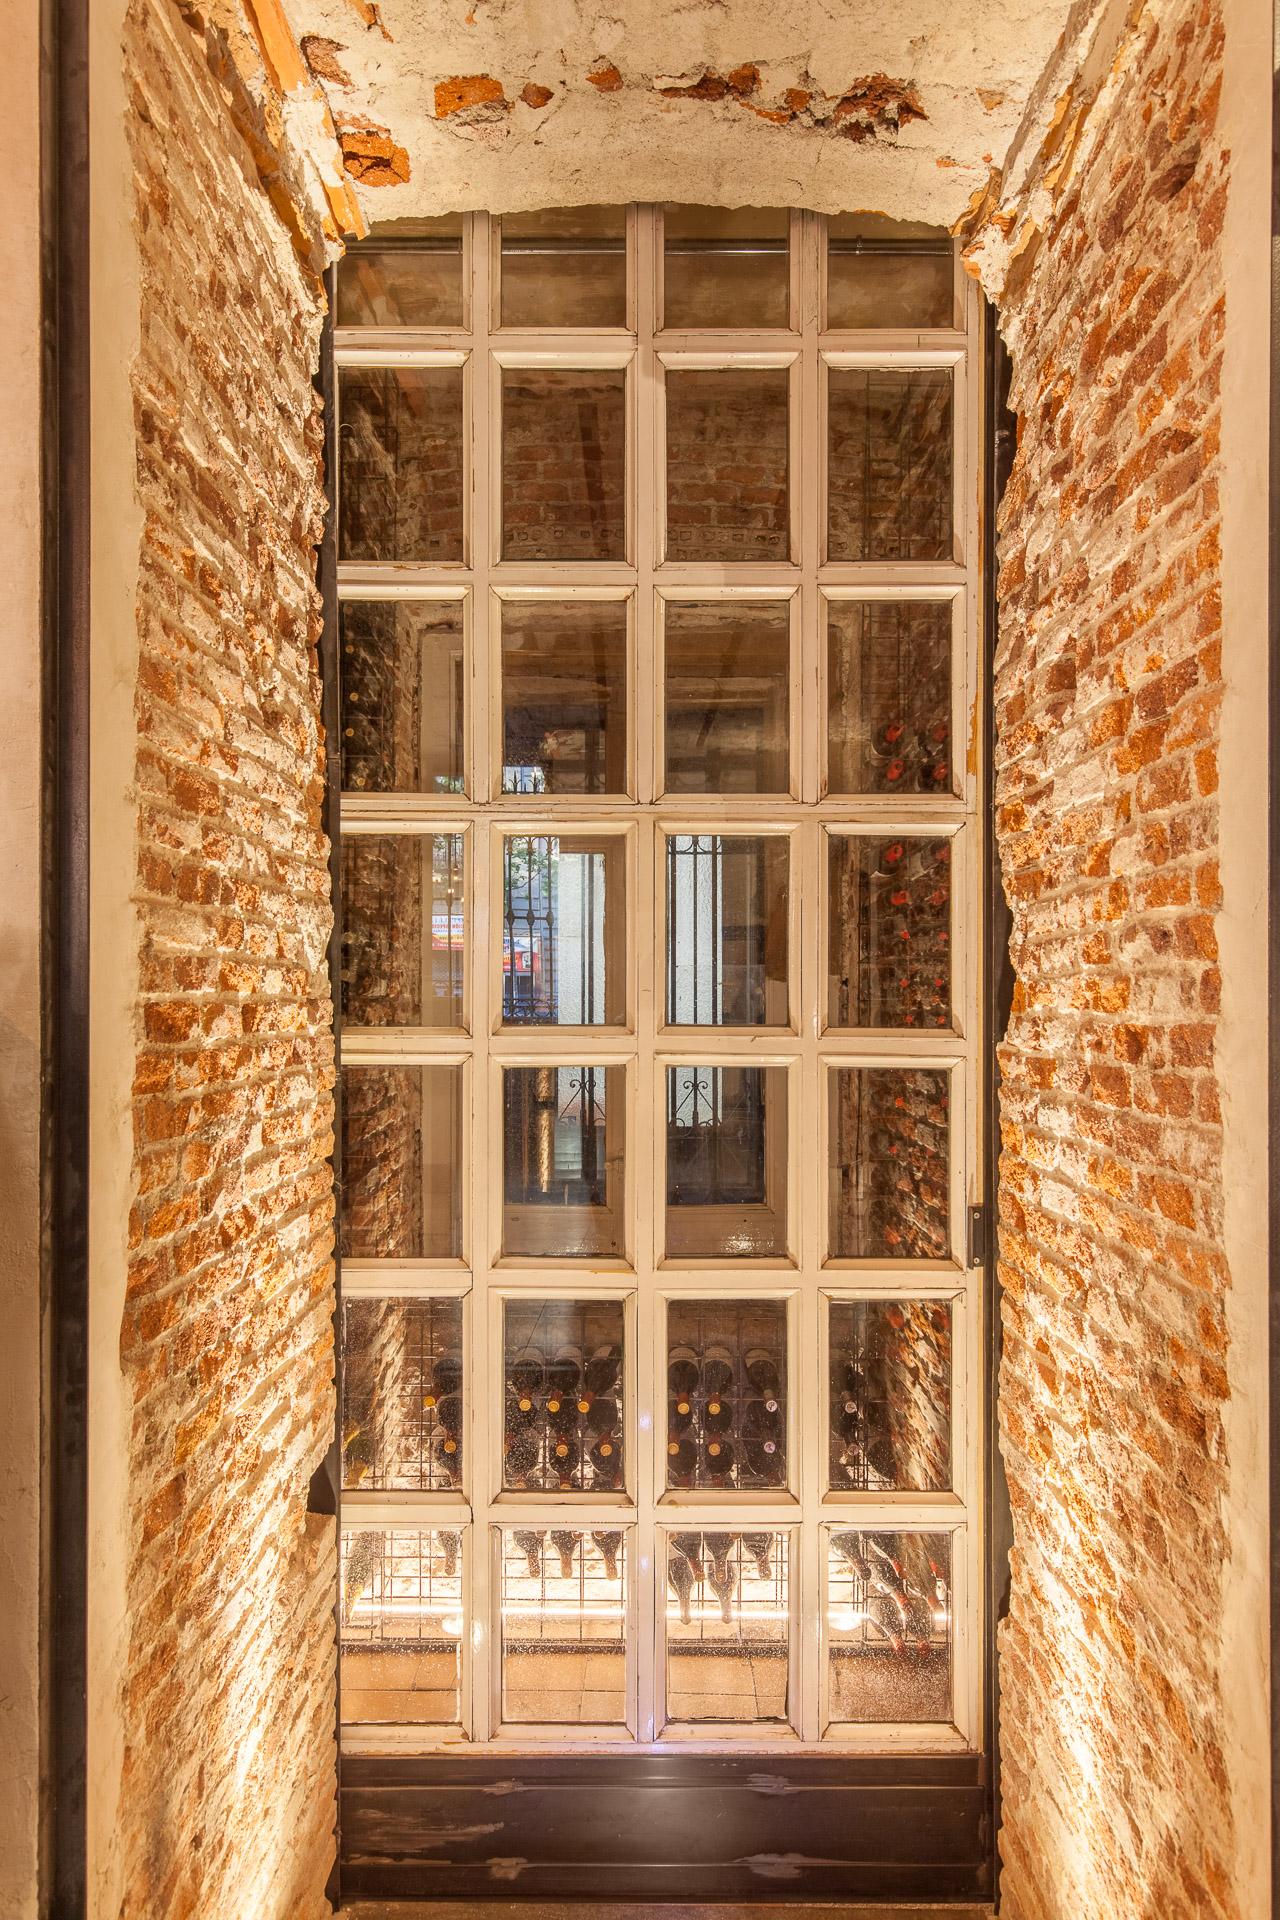 fismuler-71 arquitectura invisible